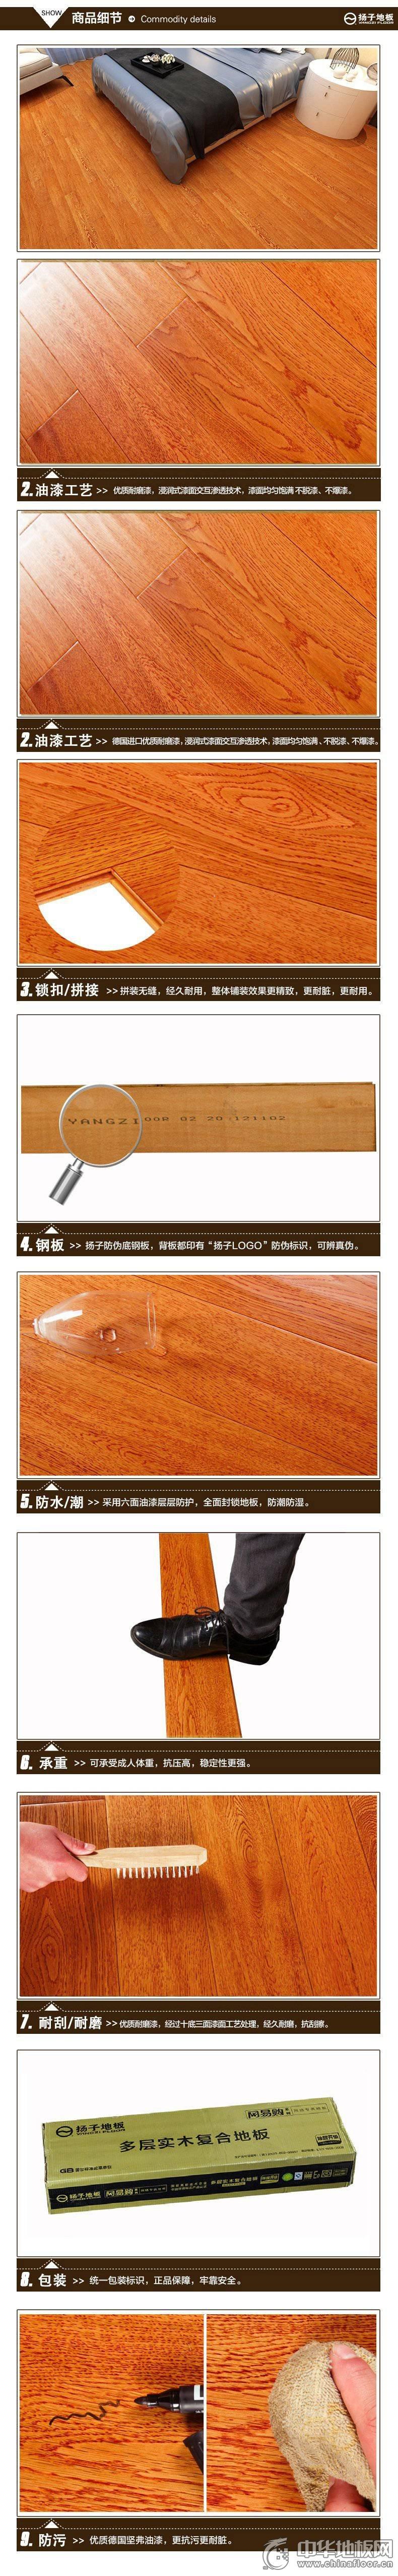 扬子地板 实木复合地板地板效果图_4